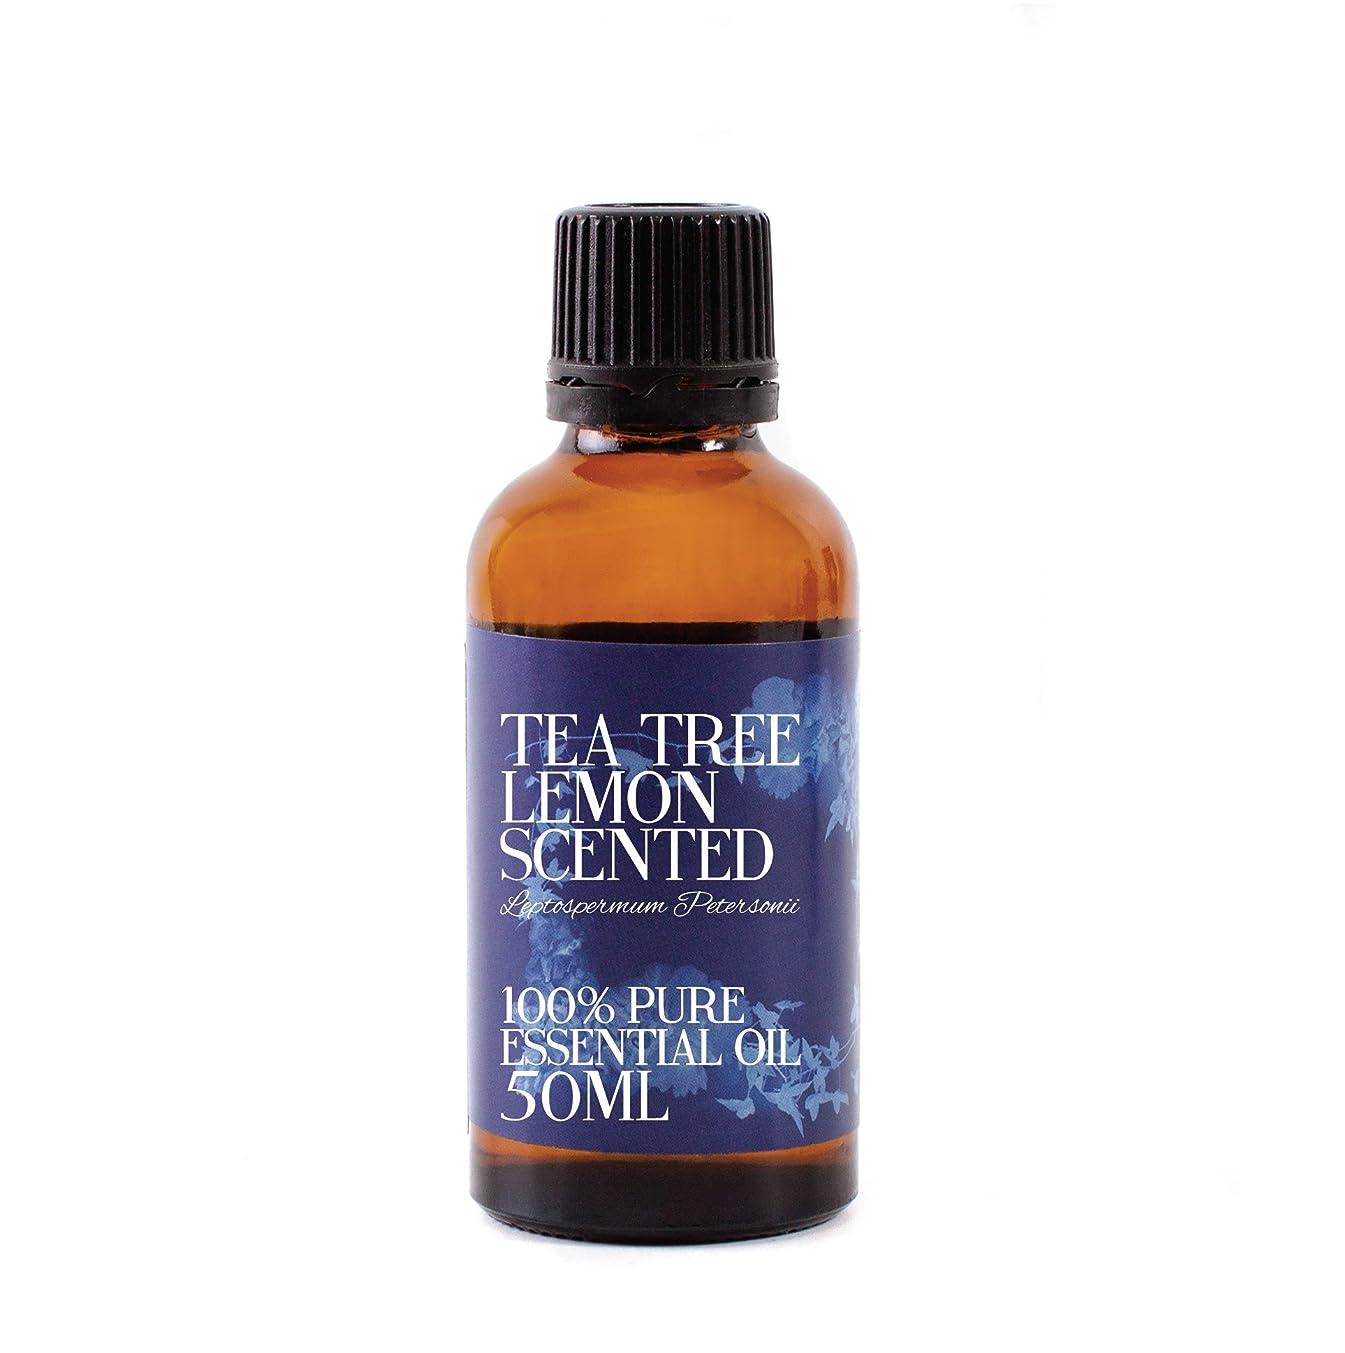 四回できれば販売計画Mystic Moments | Tea Tree Lemon Scented Essential Oil - 50ml - 100% Pure